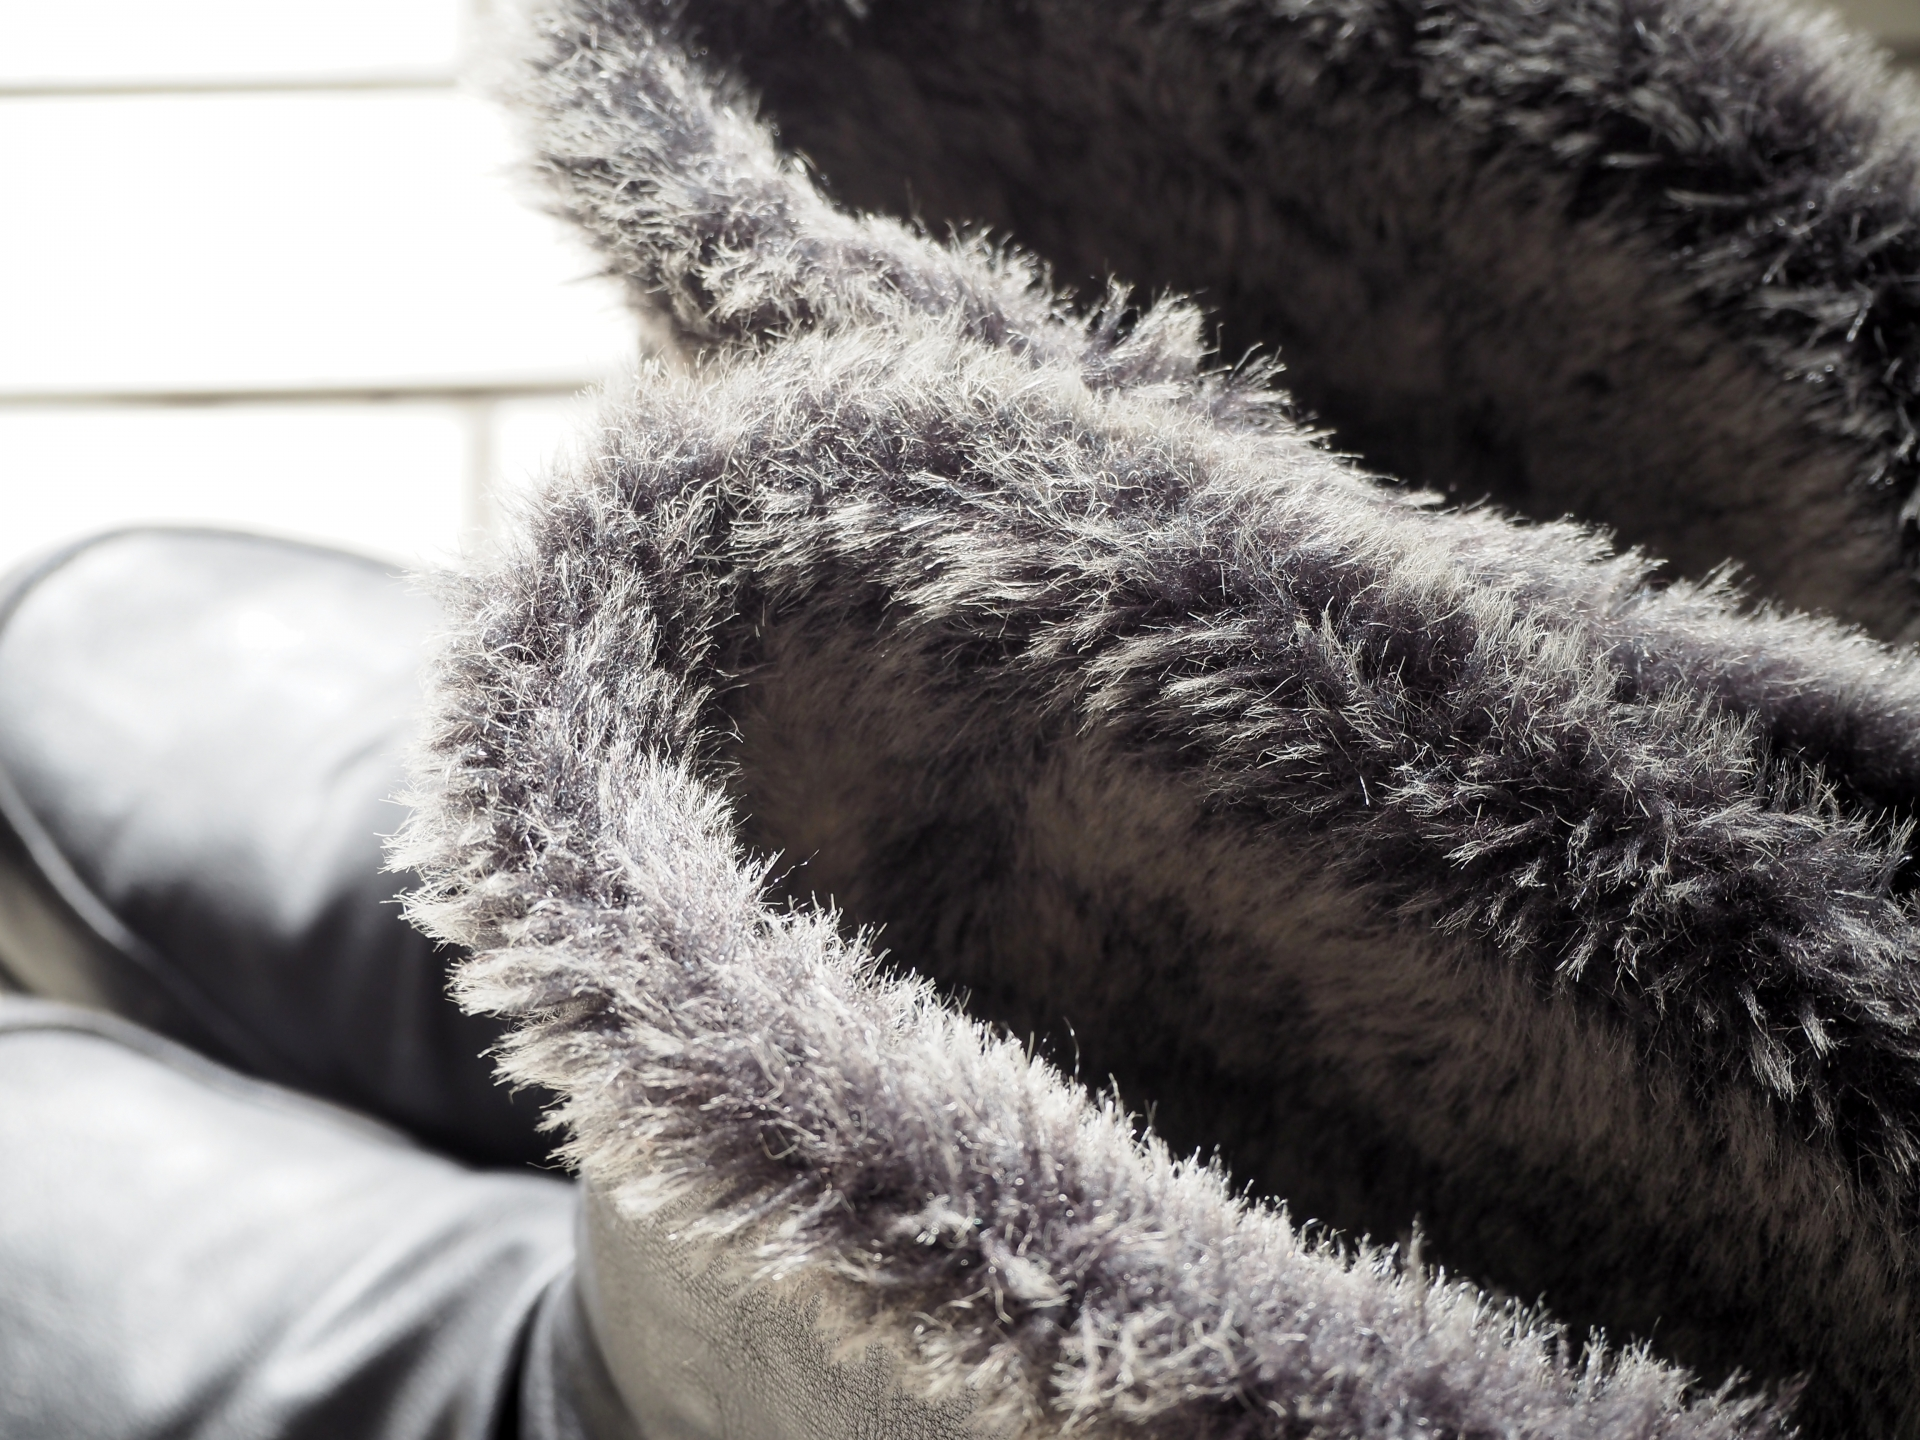 【19-20】防寒長靴おすすめ12選!暖かくて蒸れない最強長靴をご紹介!